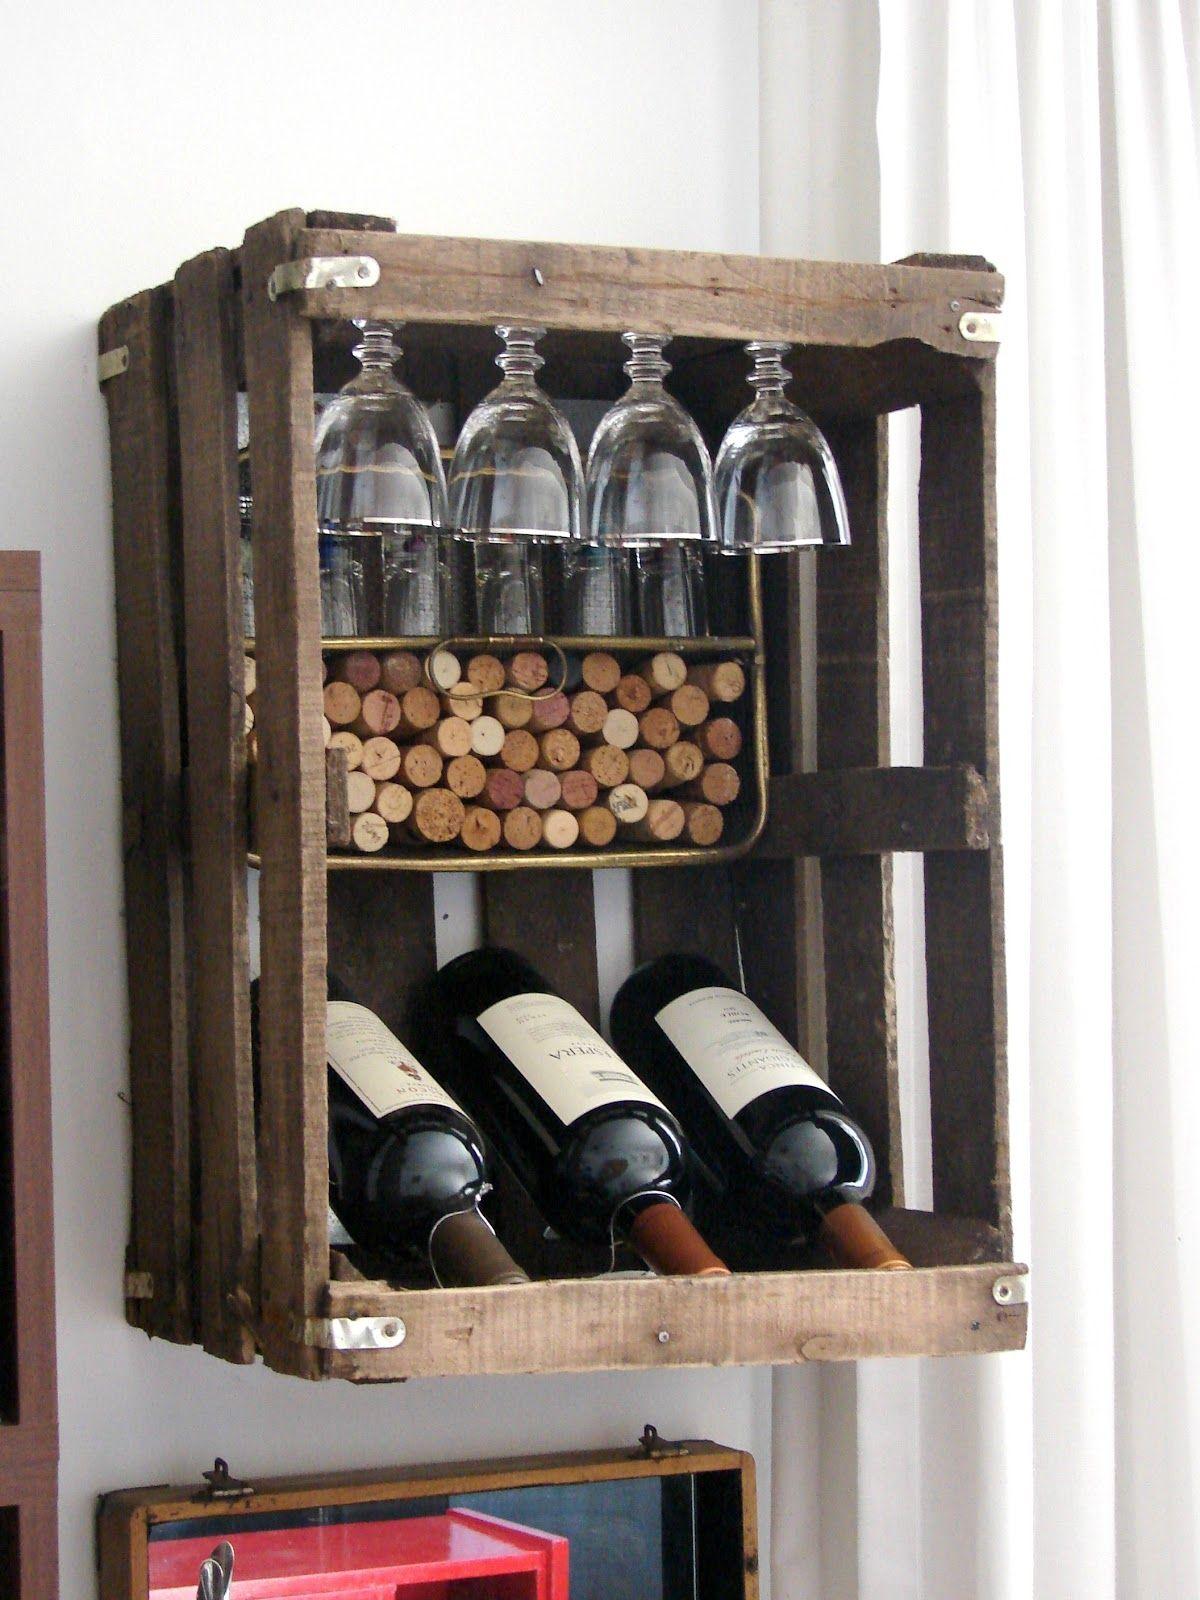 Mini vinoteca muebles pinterest minis - Fotos de vinotecas ...